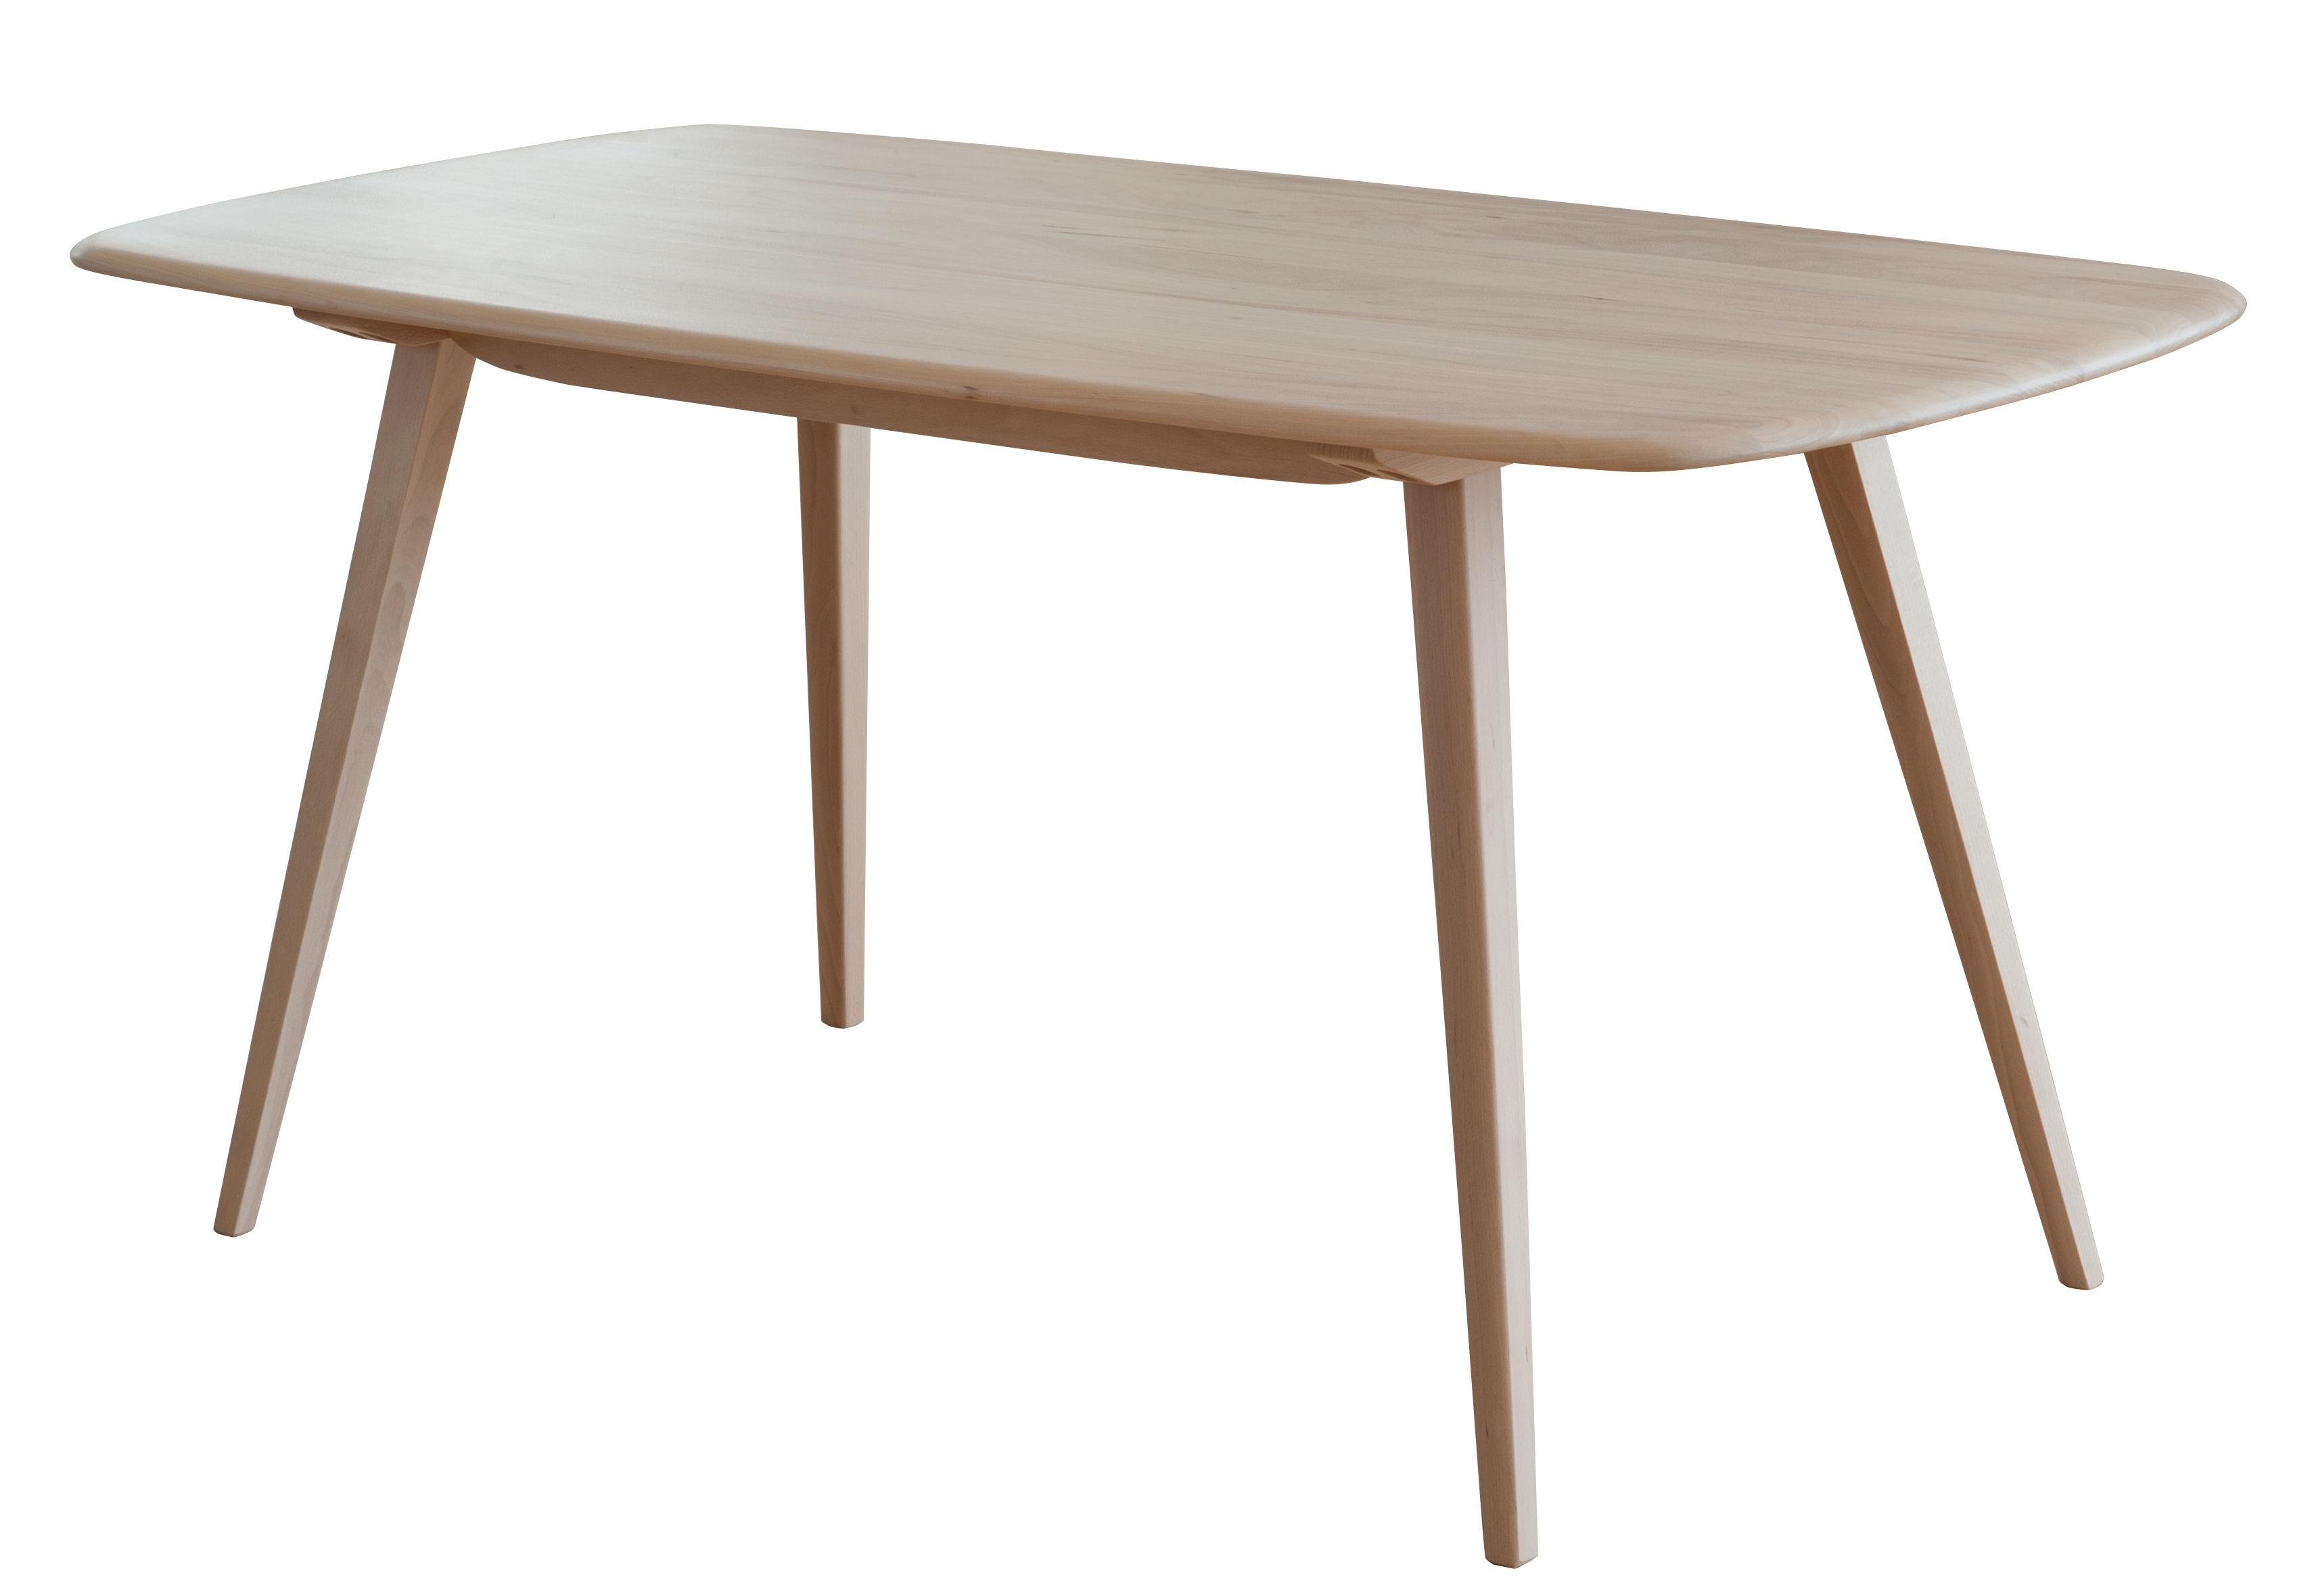 Tendenze - Sala da pranzo - Tavolo rettangolare Plank - / 152 x 76 cm - Riedizione 1950 di Ercol - Legno naturale - Hêtre massif tourné, Orme massif